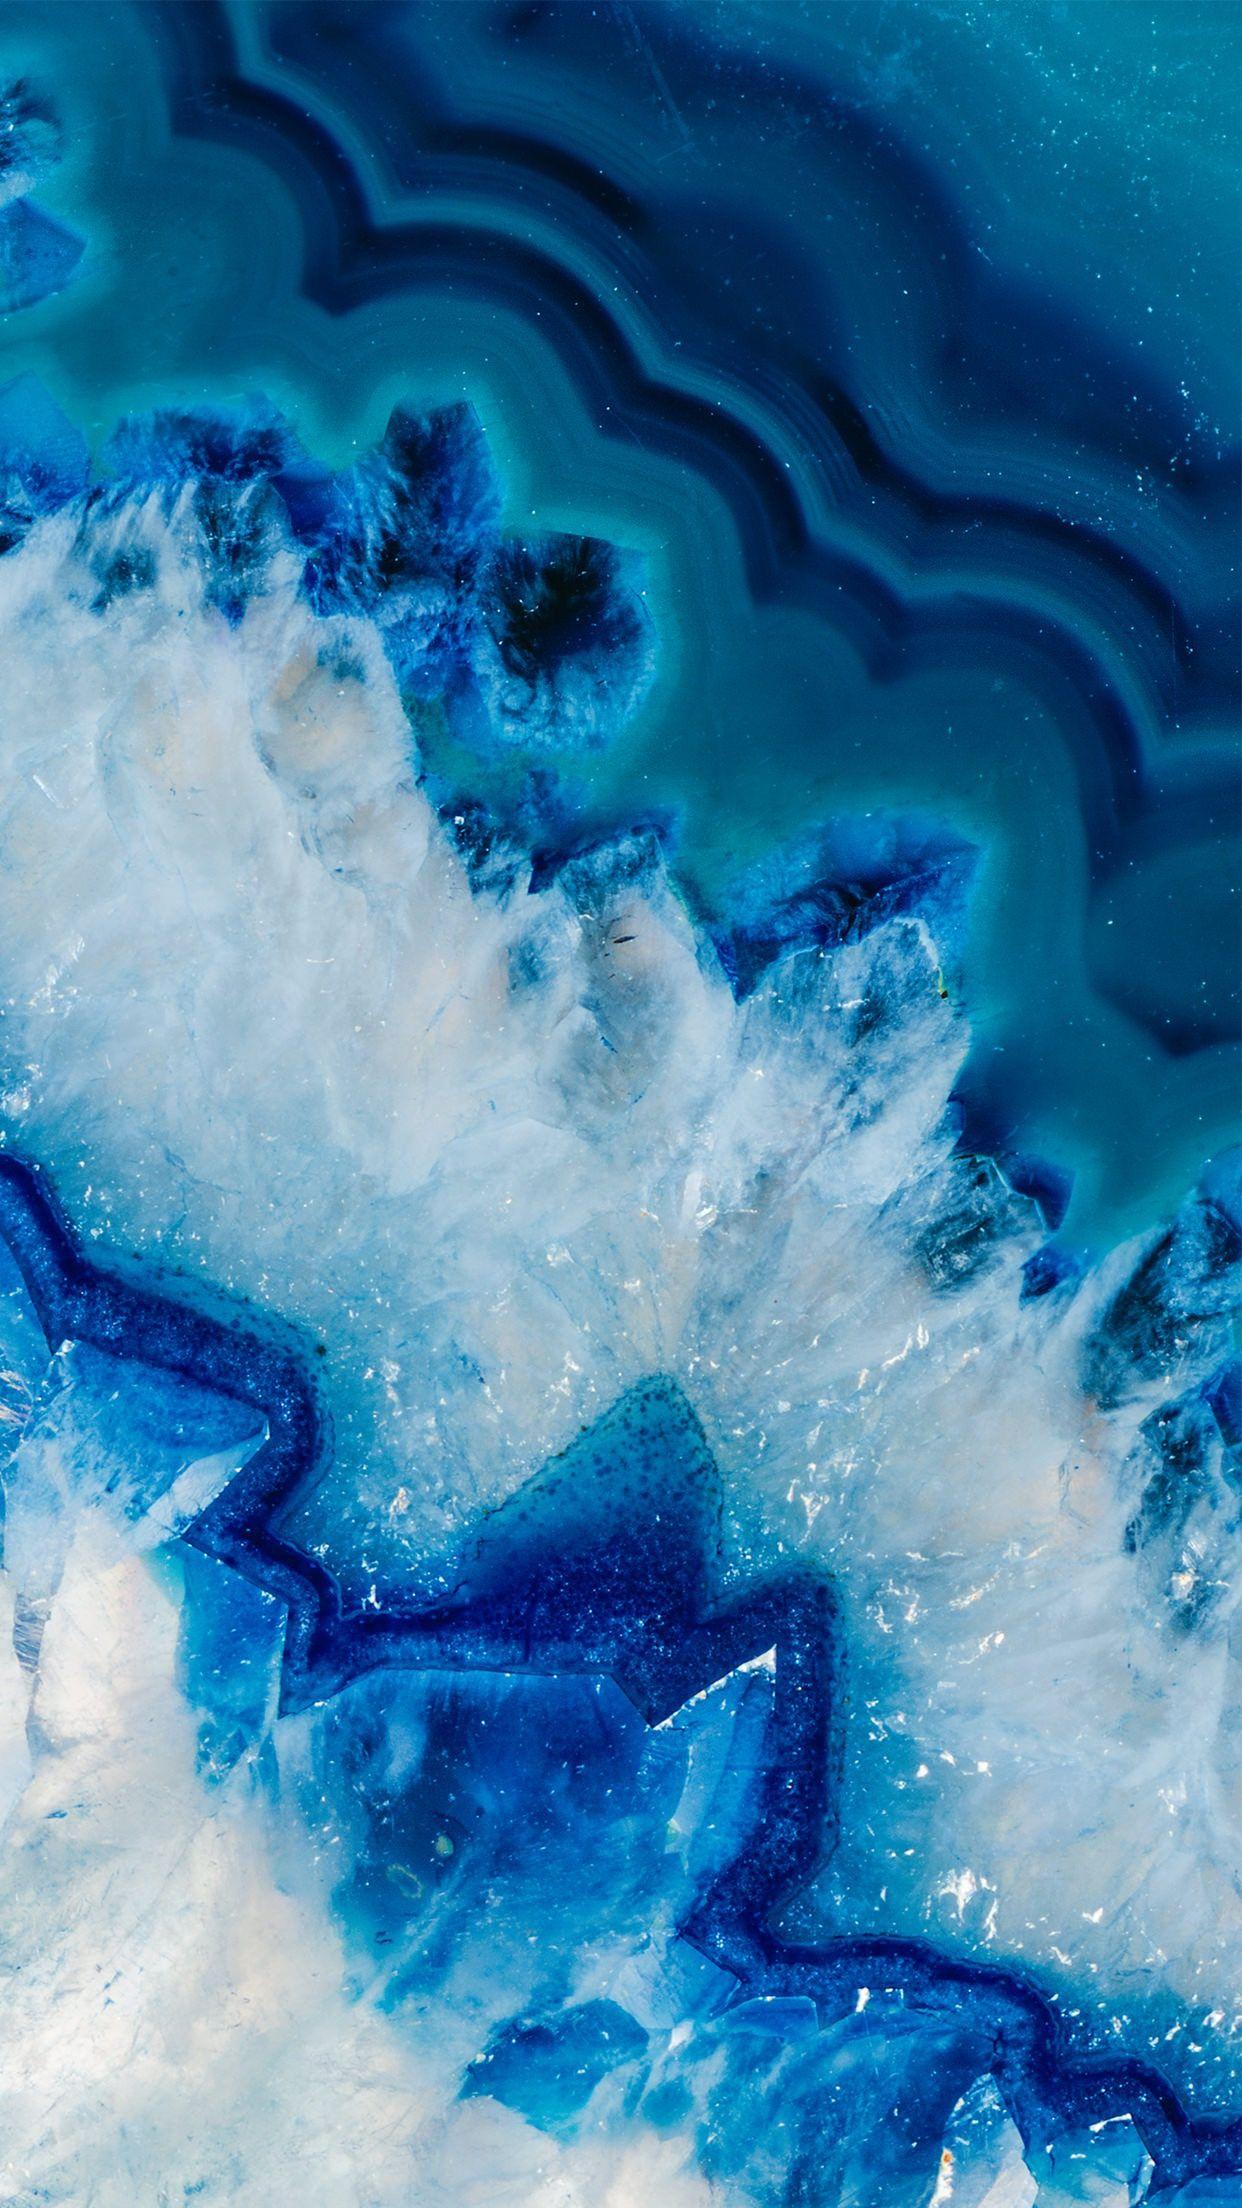 Lapidary Fossil Sfondi Blu Sfondi Iphone Sfondi Per Iphone